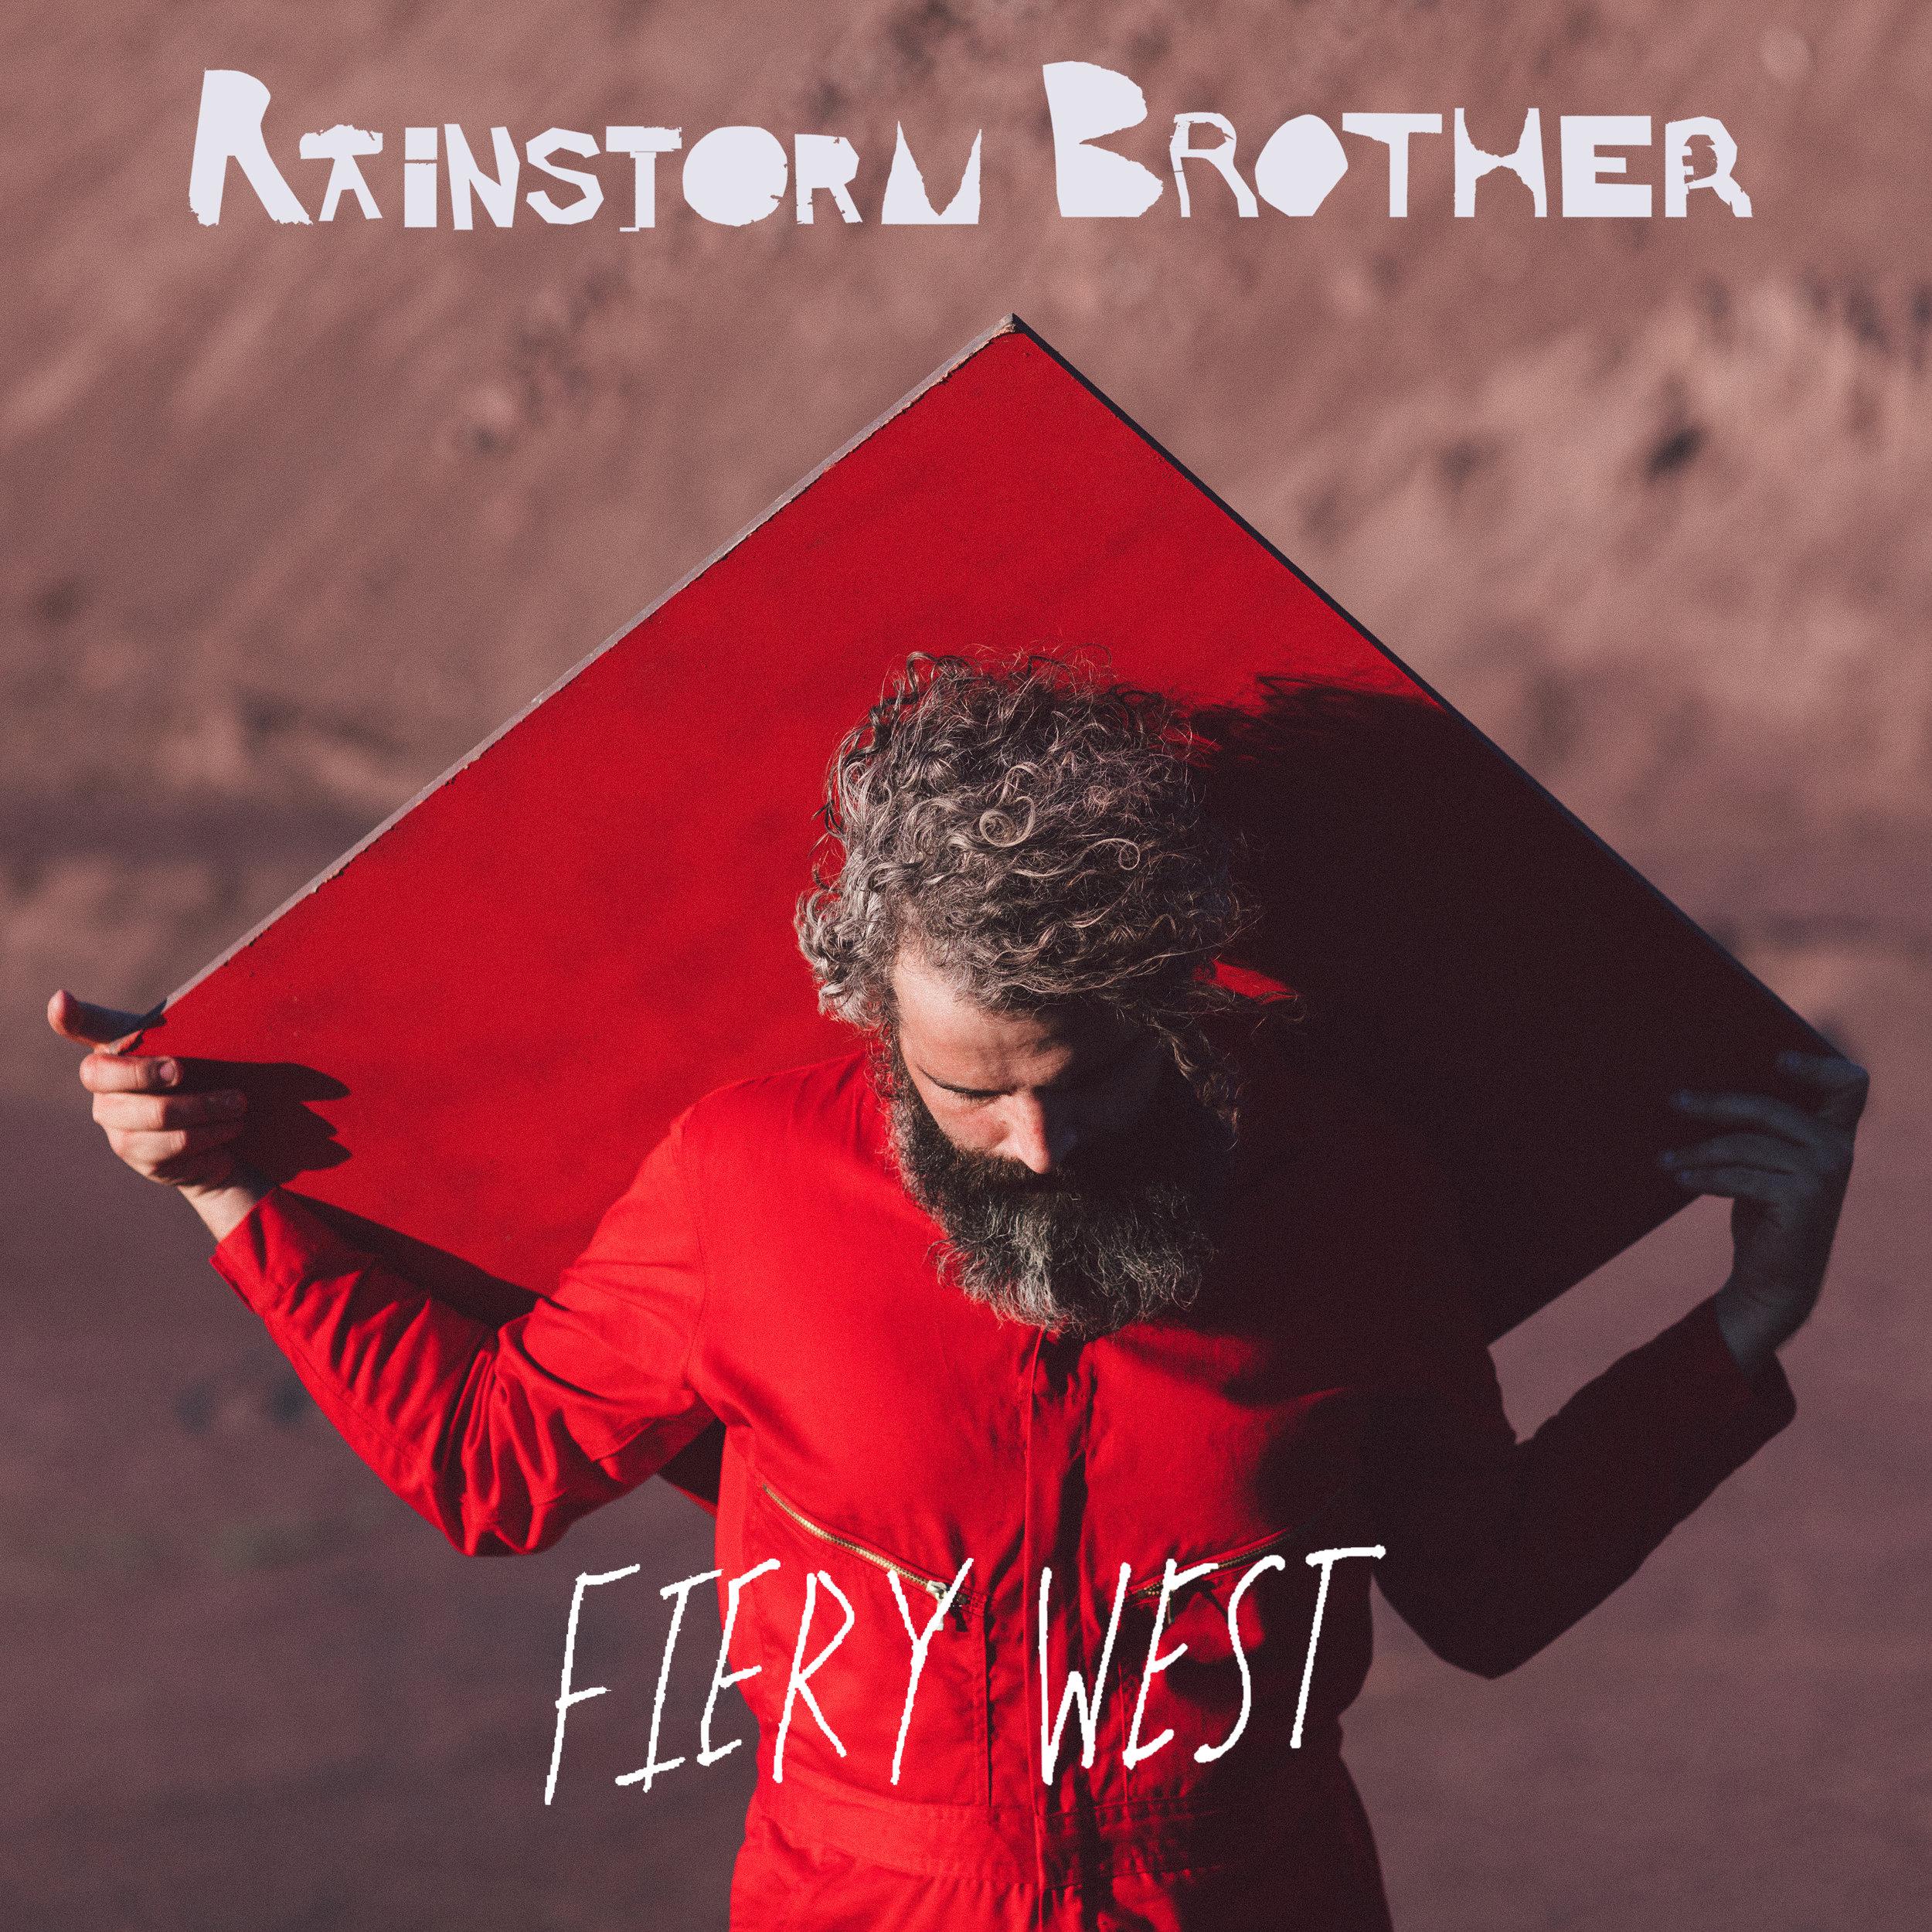 FIERY-WEST-4.jpg